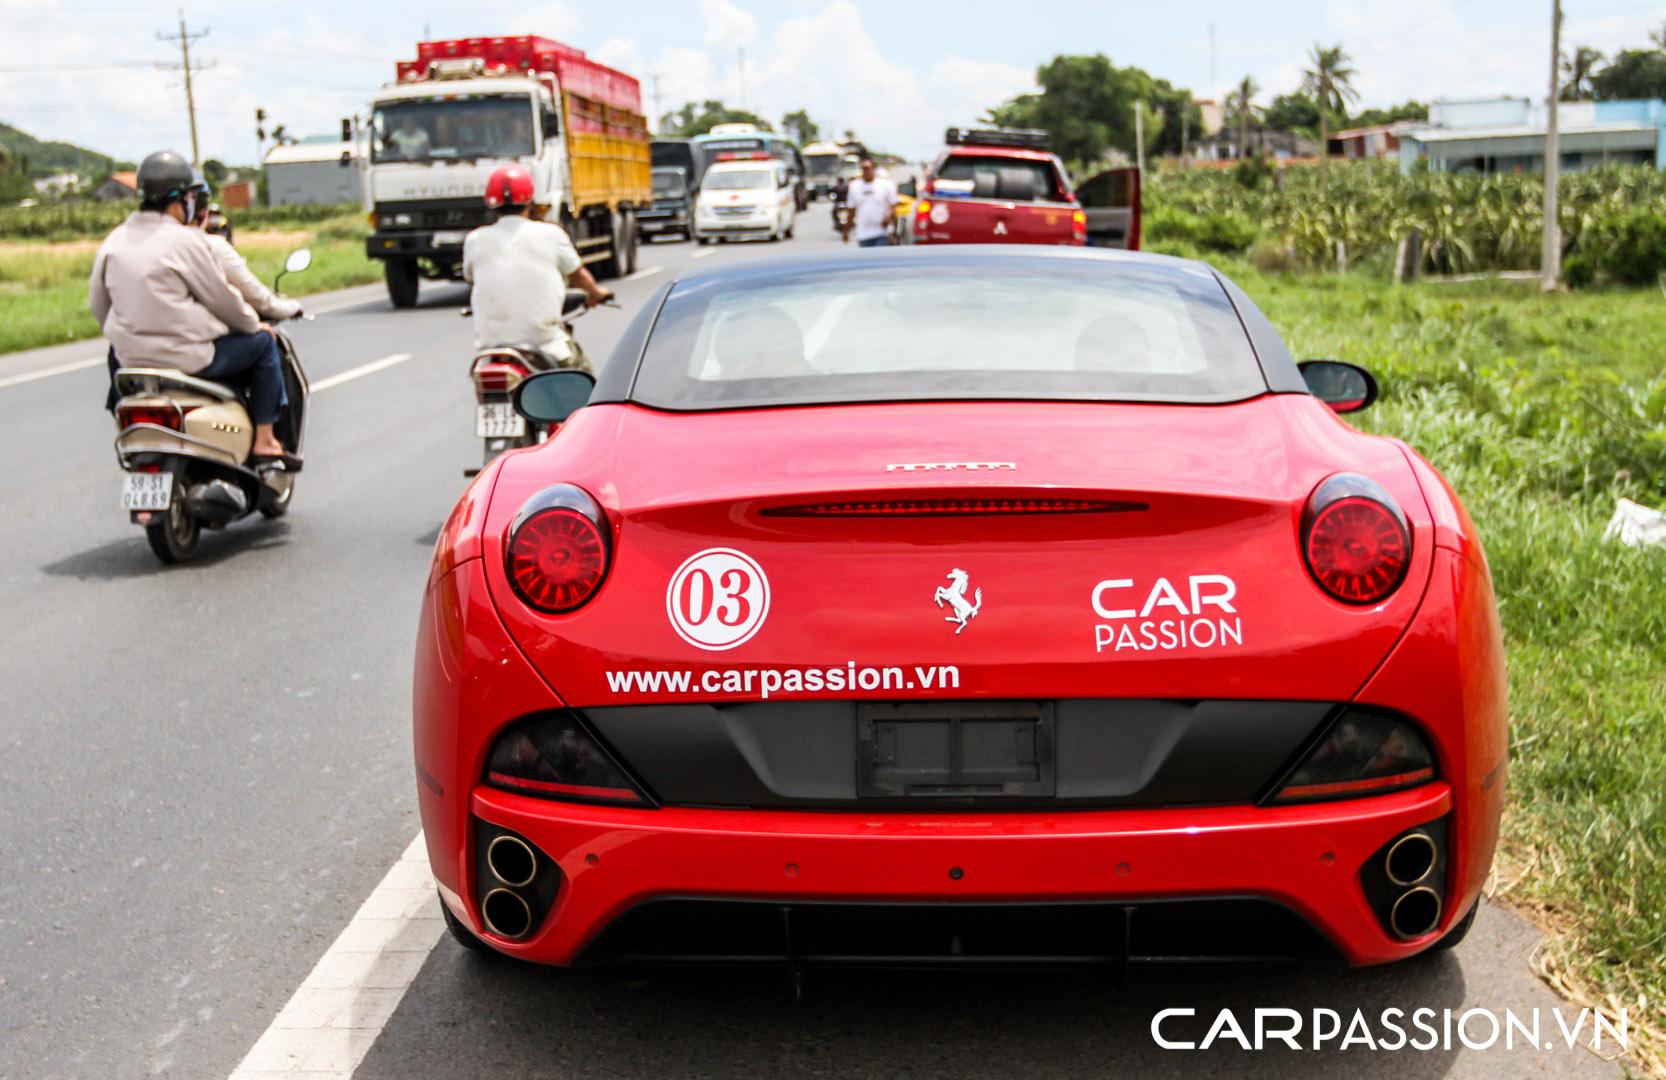 CP-Hành trình siêu xe CarPassion 2011 (162).jpg